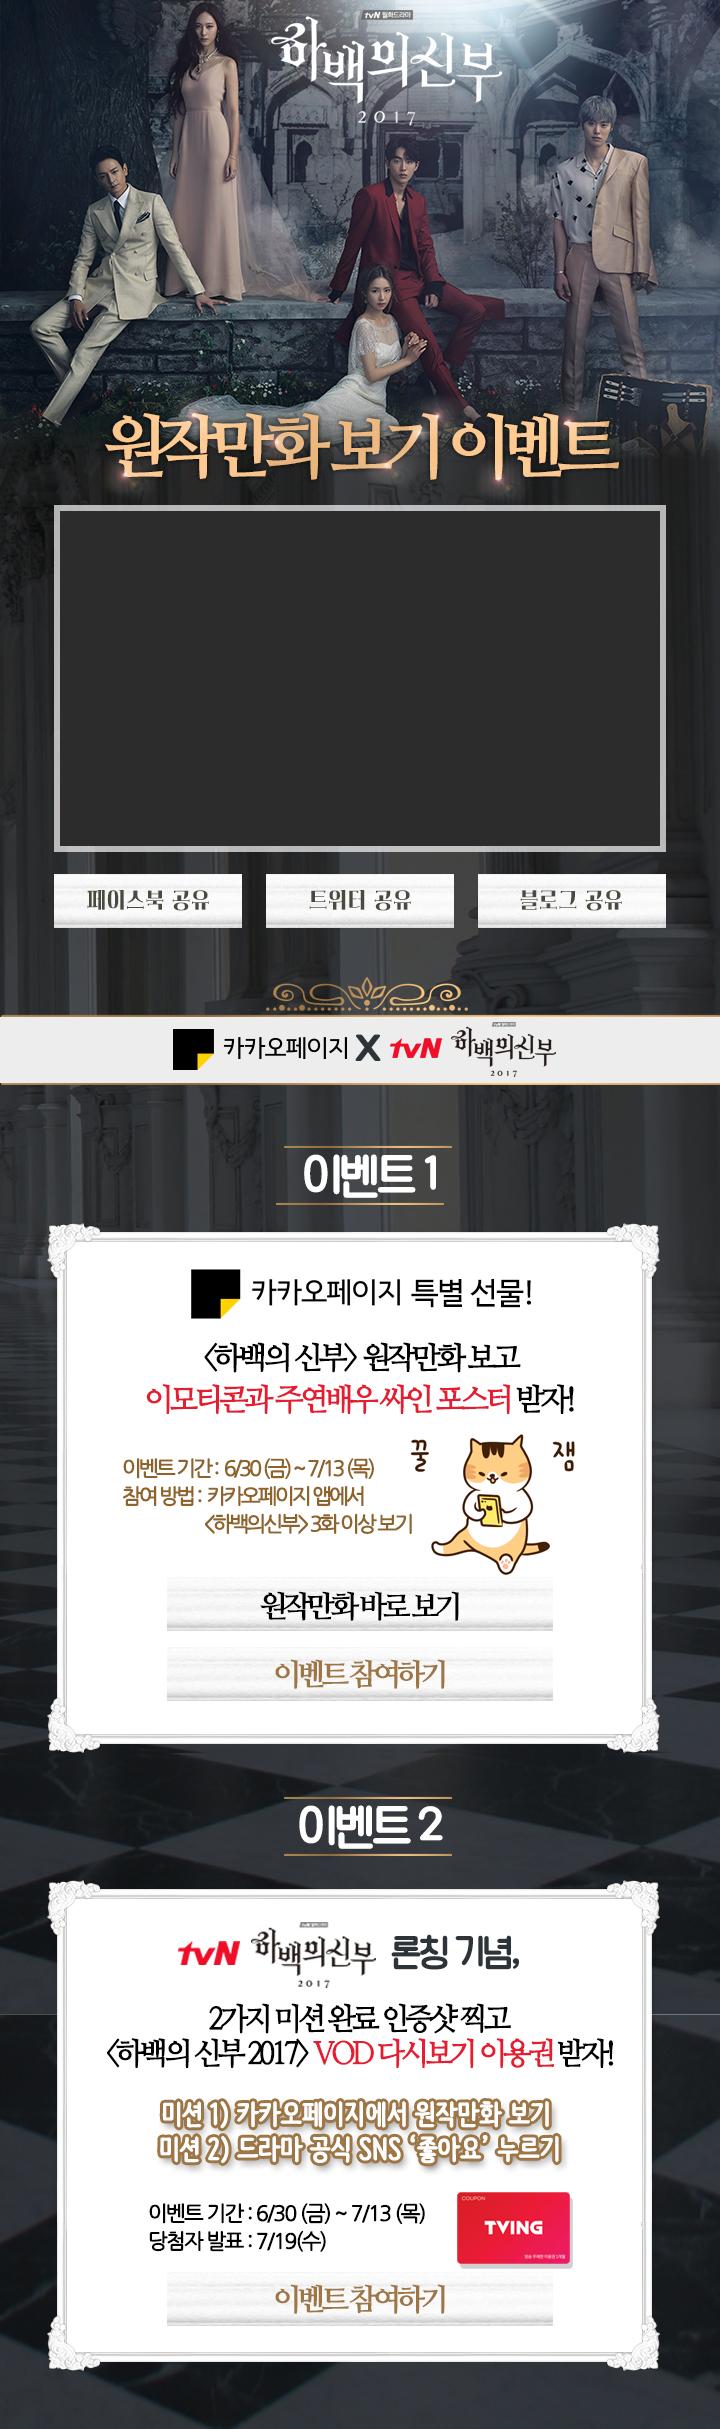 [하백의 신부2017] 원작만화 보기 이벤트